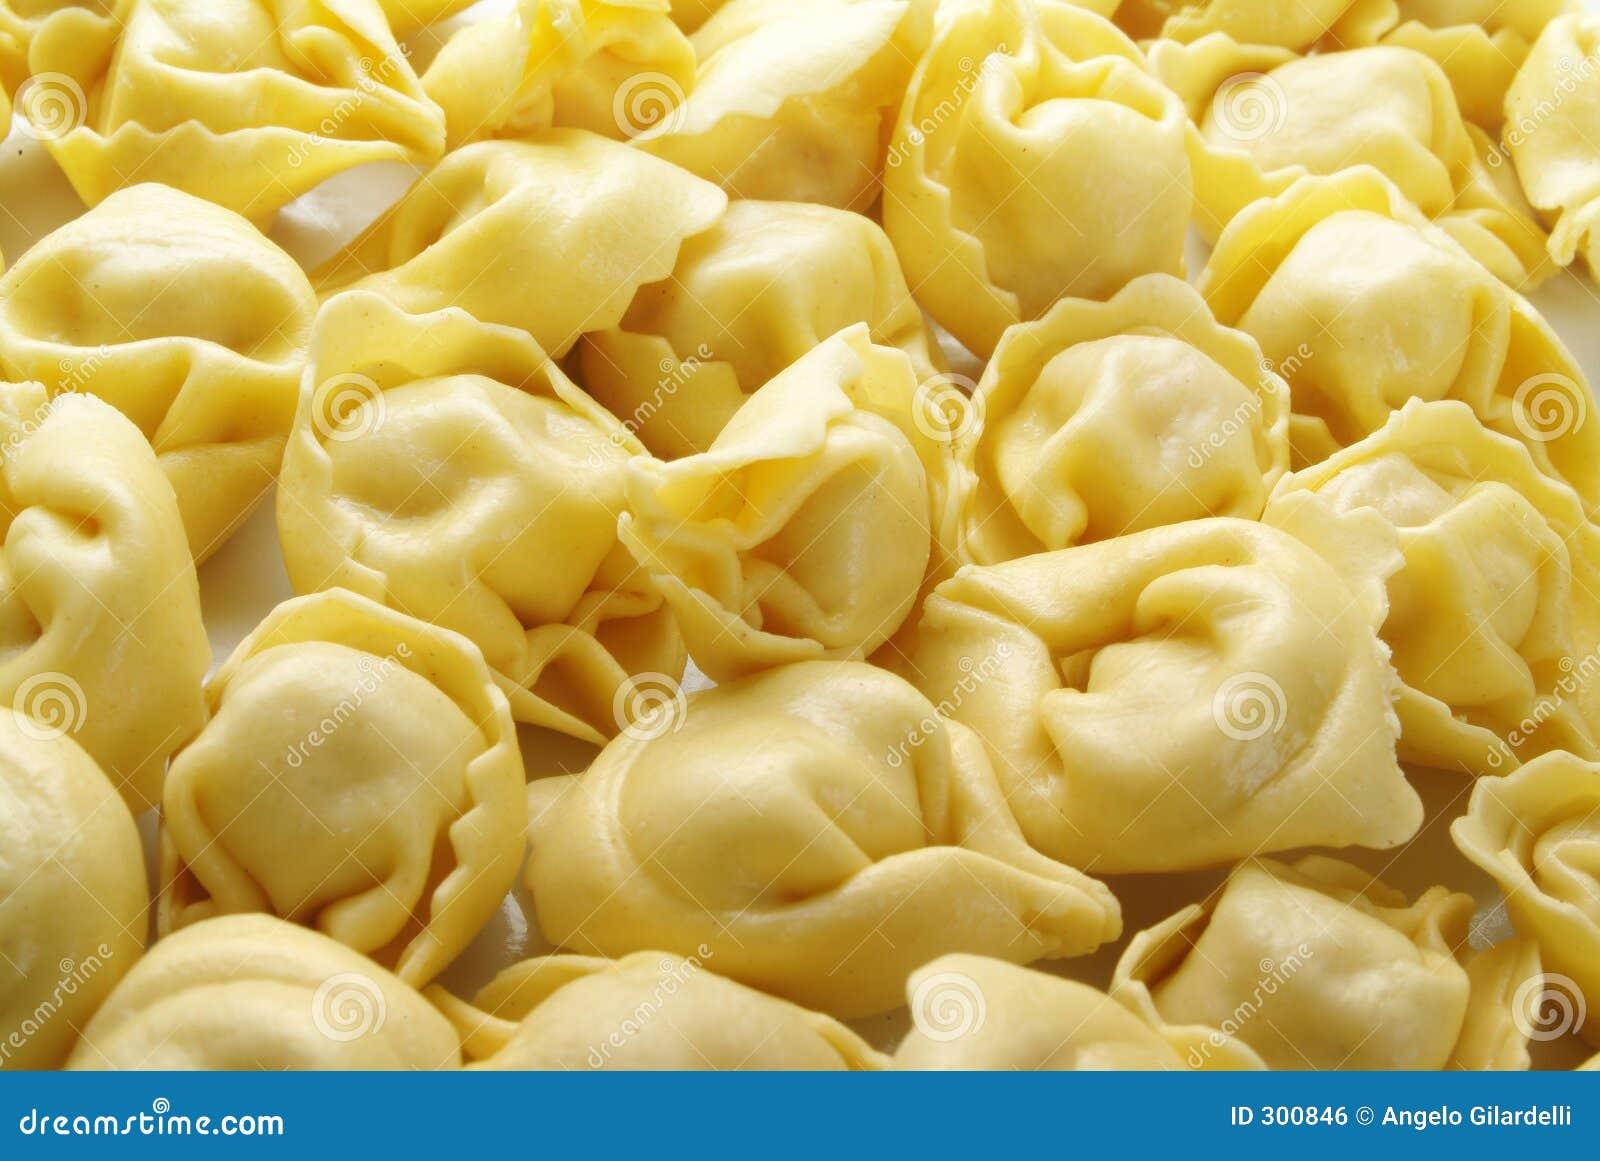 ιταλική σύσταση ζυμαρικών